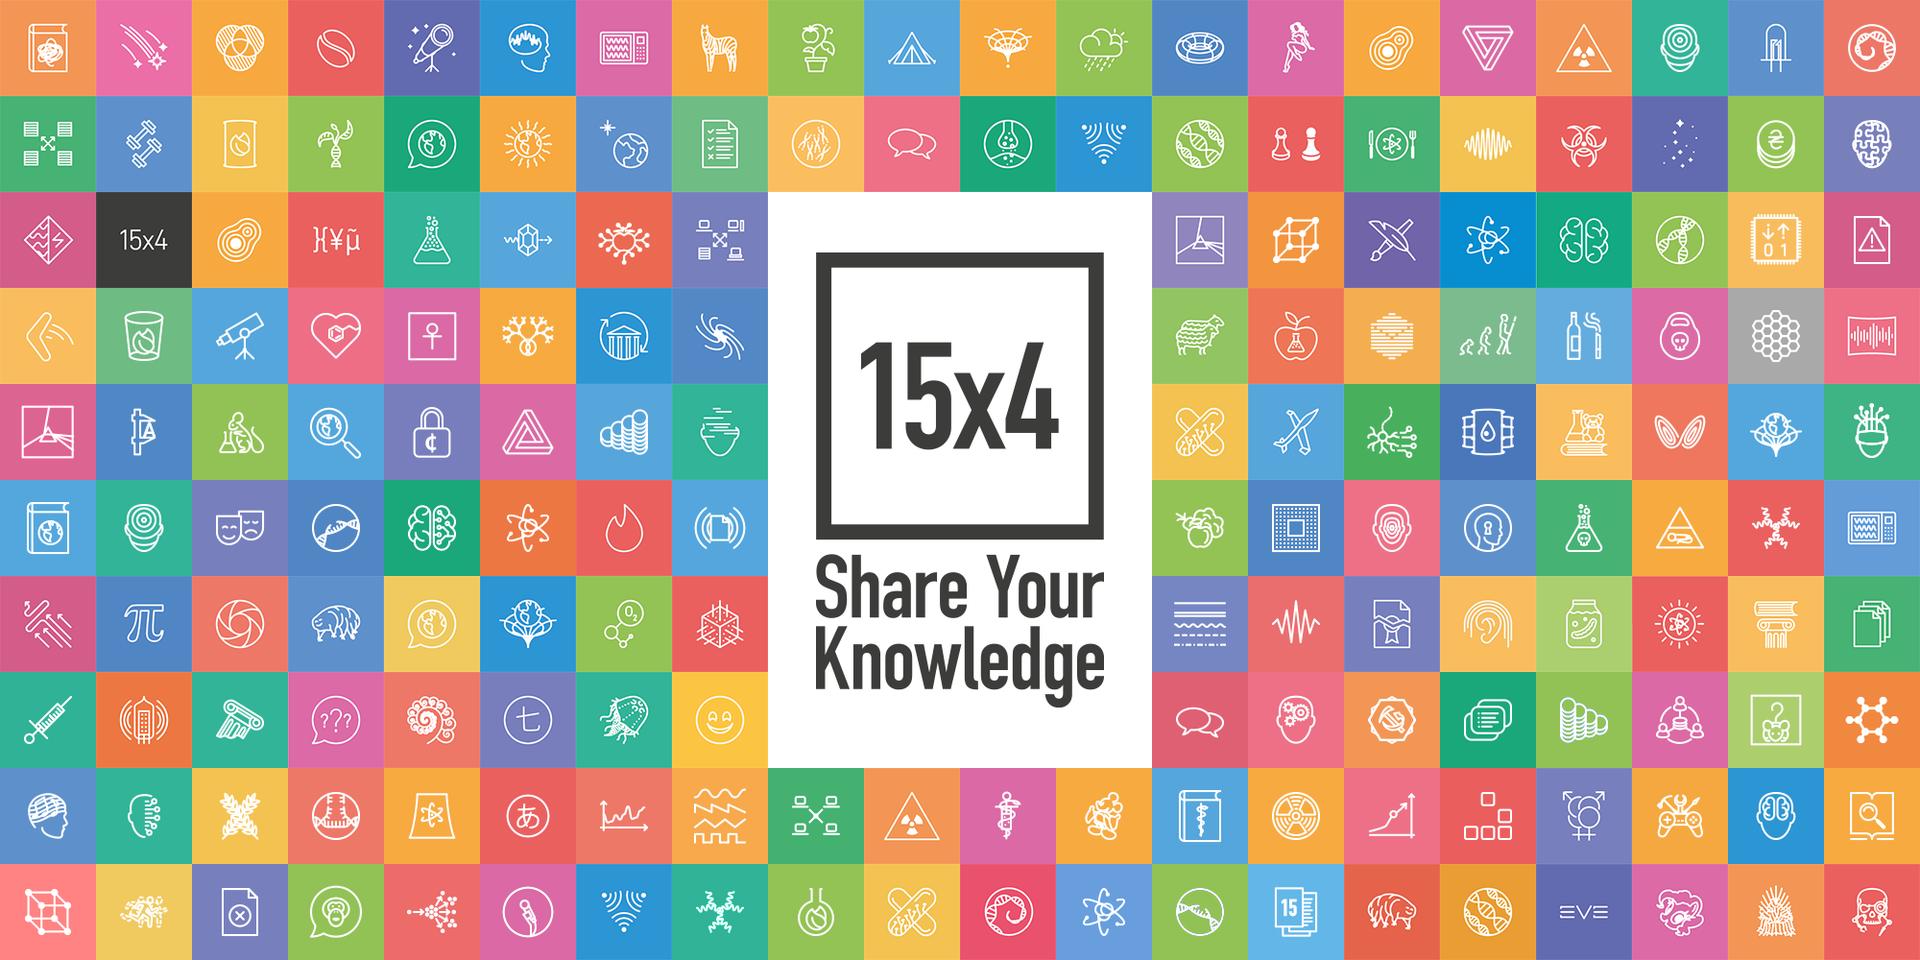 На картинке 176 разноцветных квадратиков с пиктограммами лекций. Посередине 15x4 Share Your Knowledge.